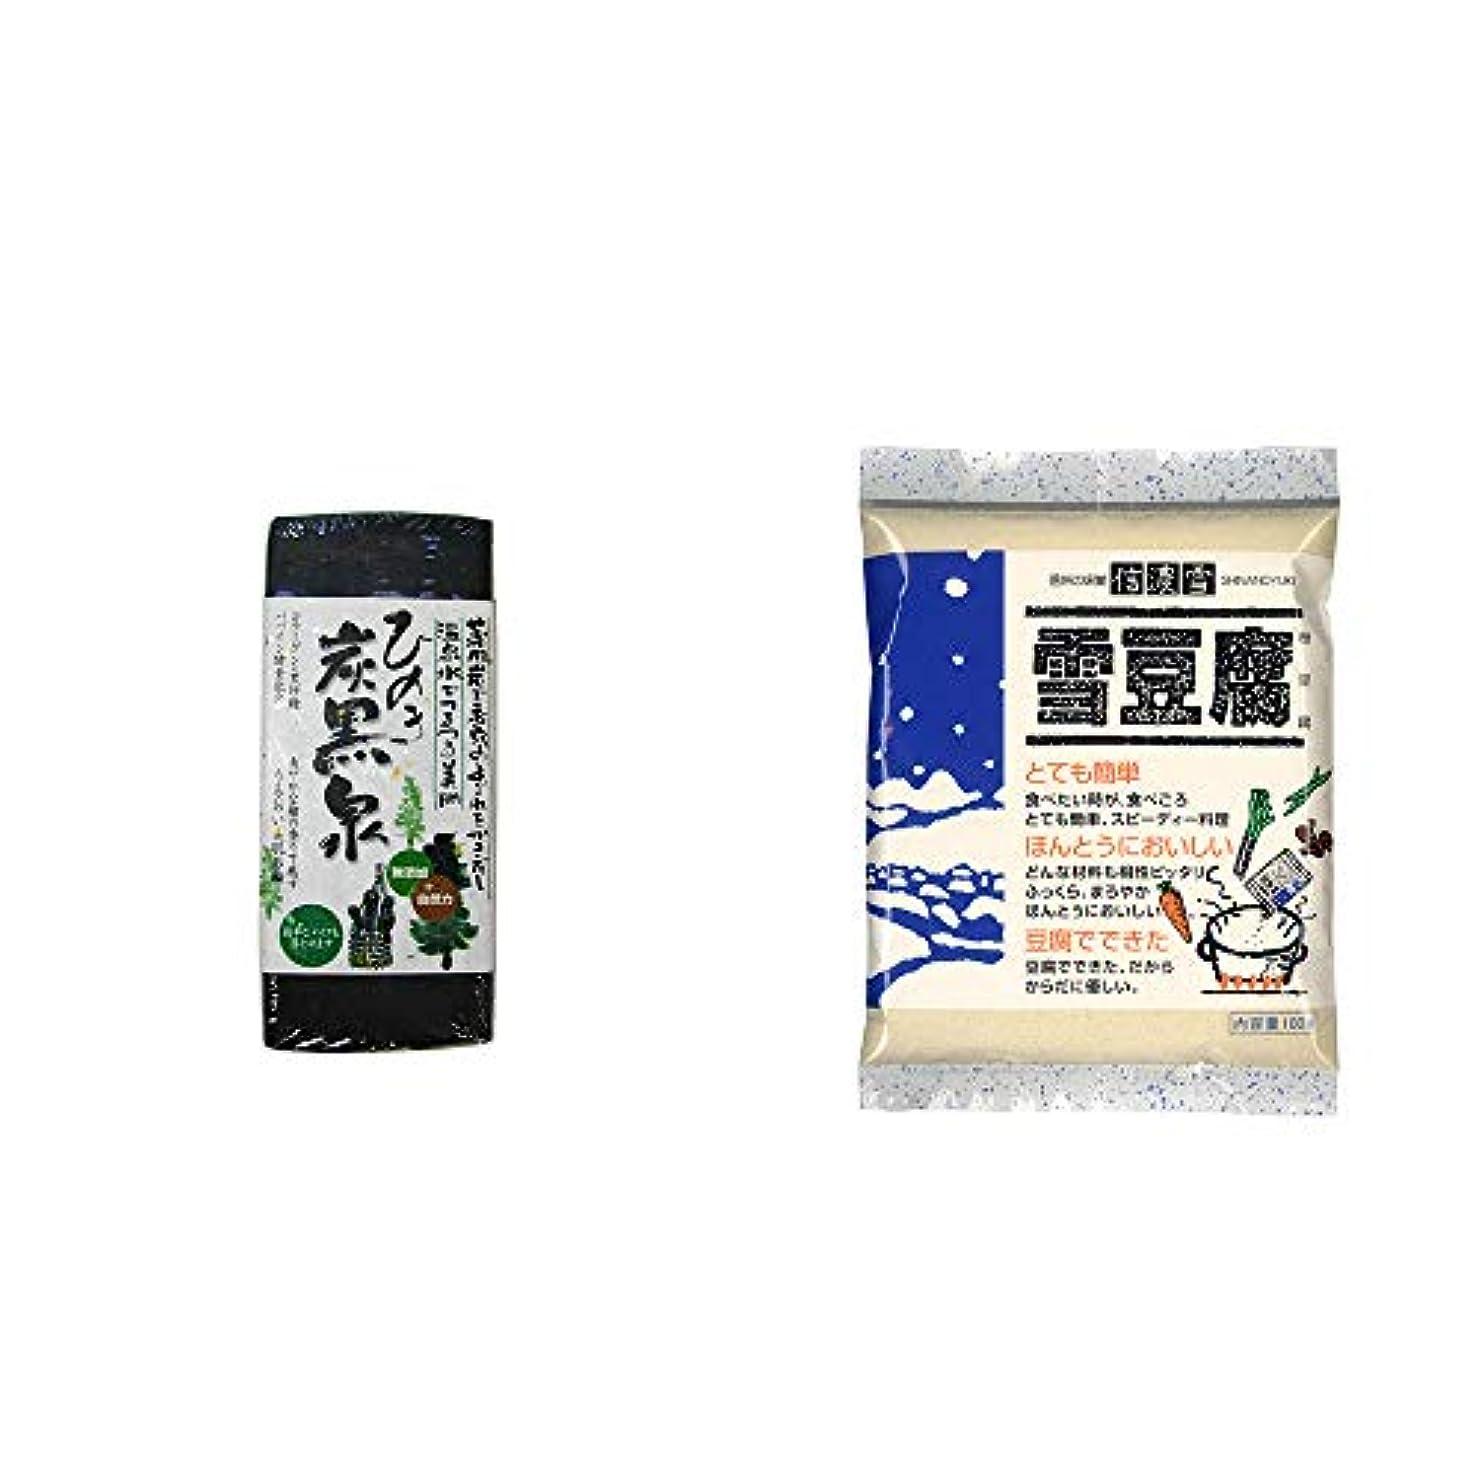 ソース倒産一族[2点セット] ひのき炭黒泉(75g×2)?信濃雪 雪豆腐(粉豆腐)(100g)